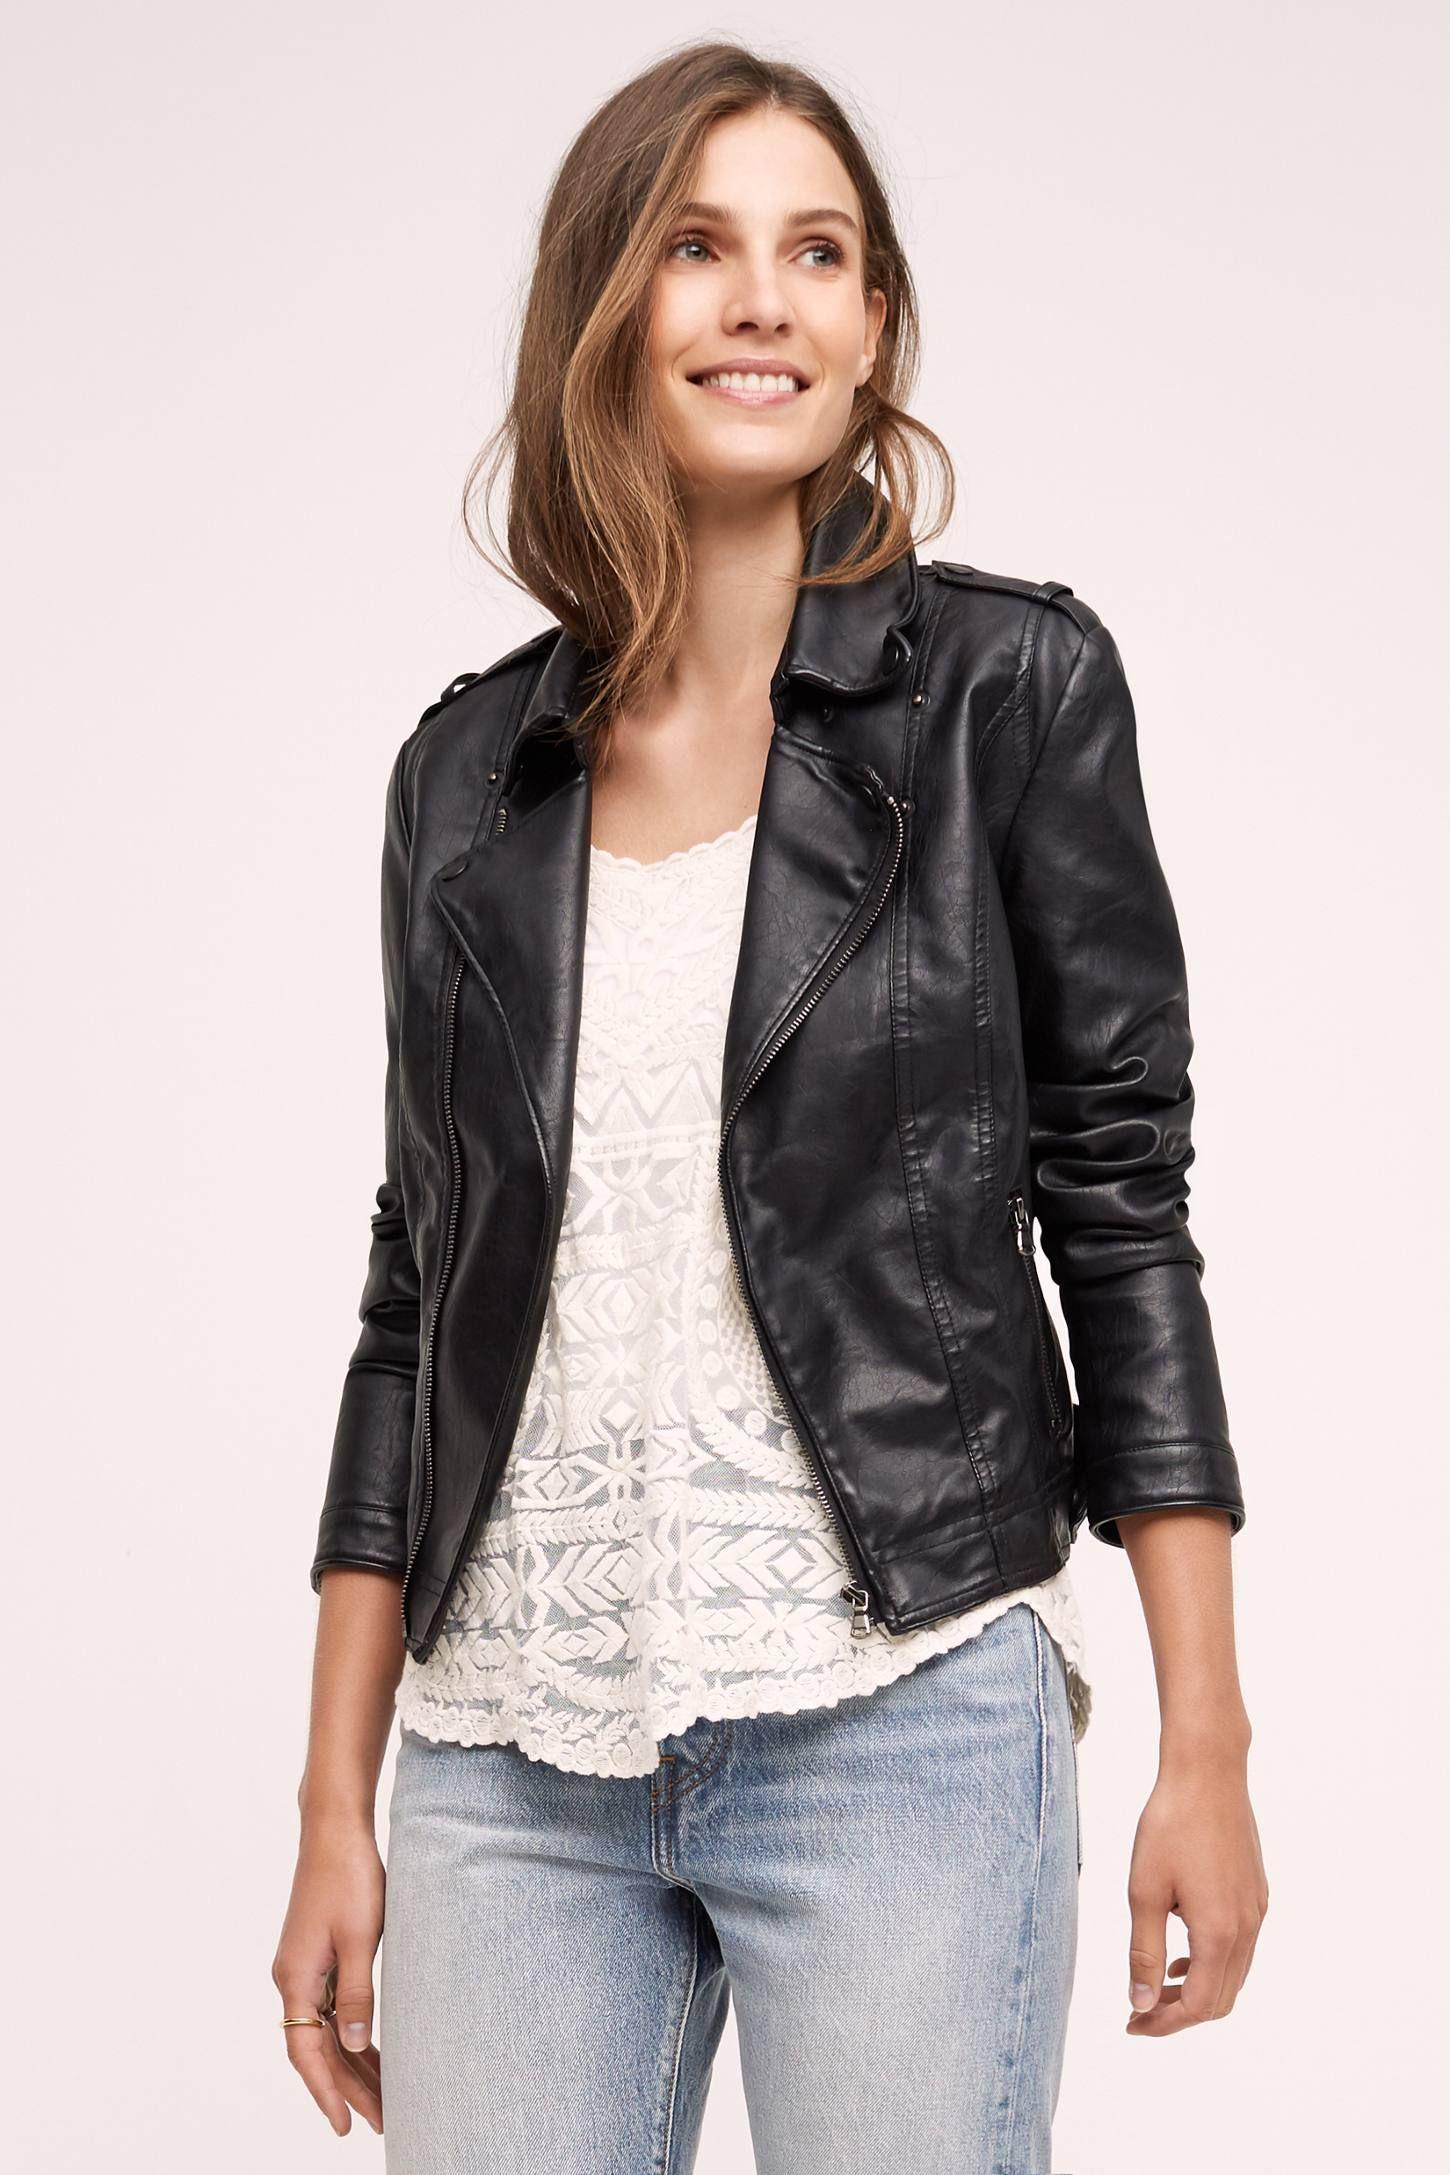 Vegan Leather Moto Jacket With Images Vegan Leather Moto Jacket Leather Moto Jacket Faux Leather Moto Jacket